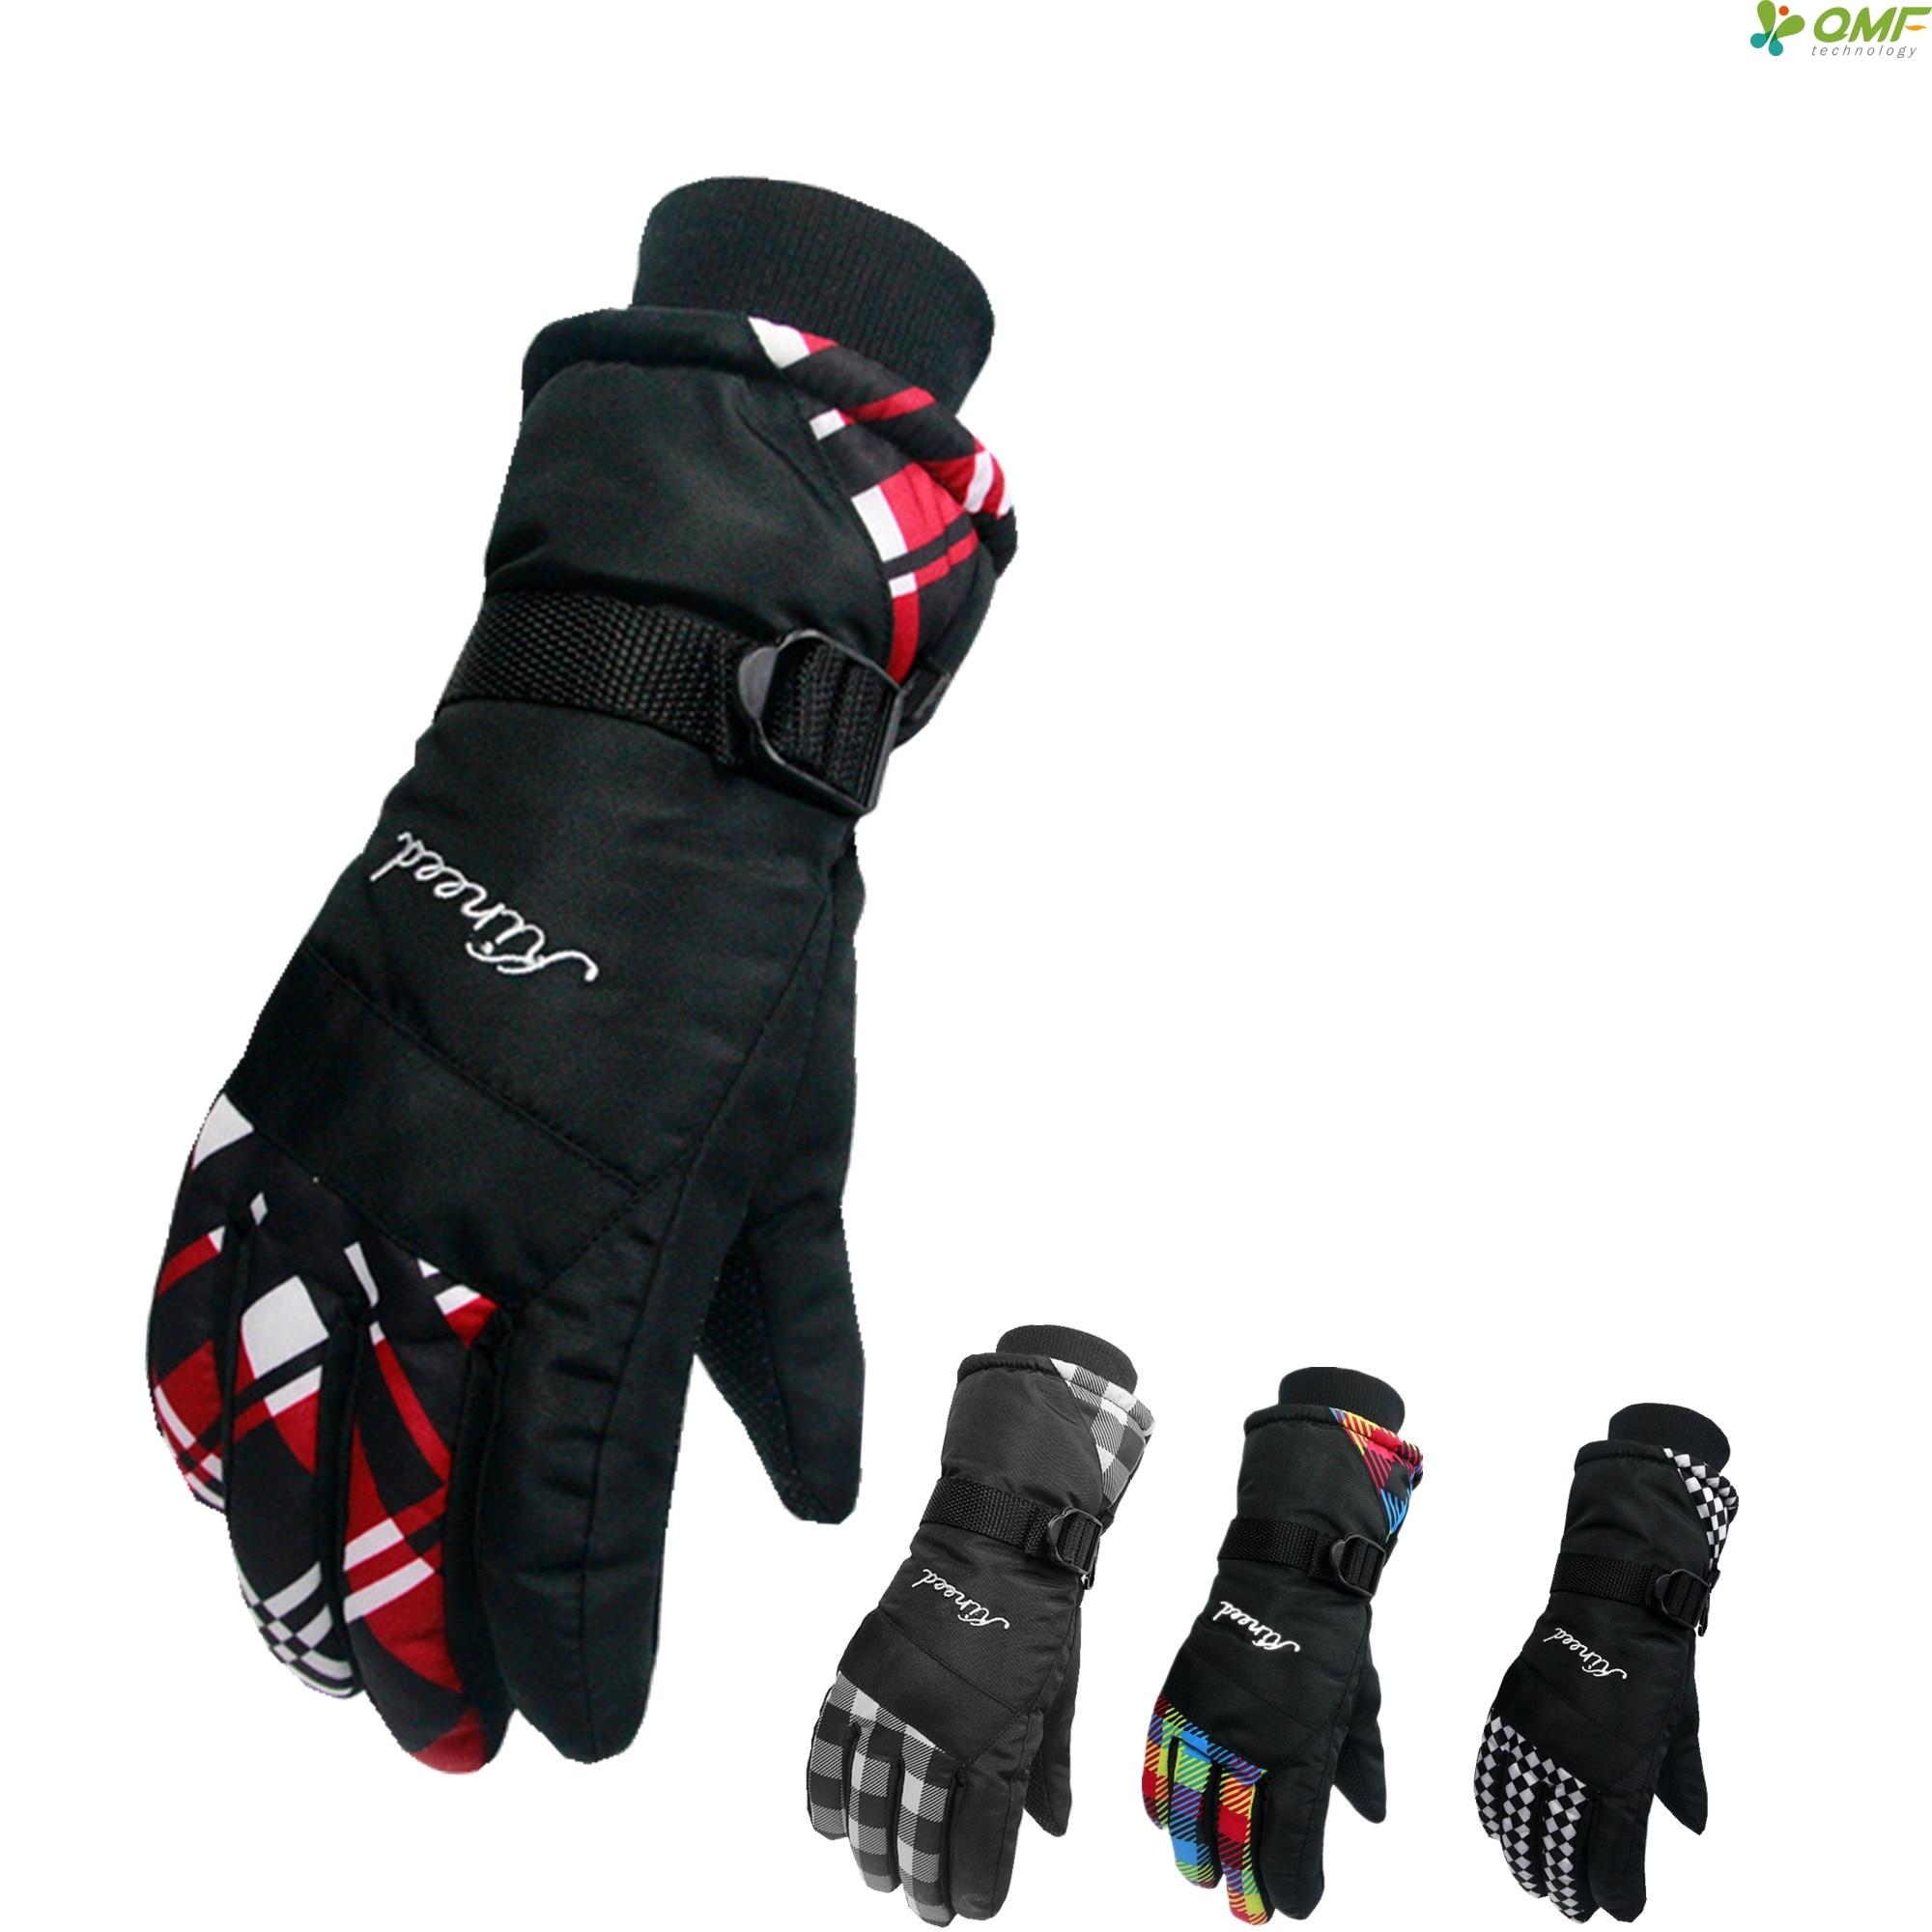 Prix pour Multicolore Plaid Motoneige Ski Gants D'hiver Étanche Sport Snowboard Gant Windstopper Chaud Moto Mitaines Hommes Anti-Dérapage